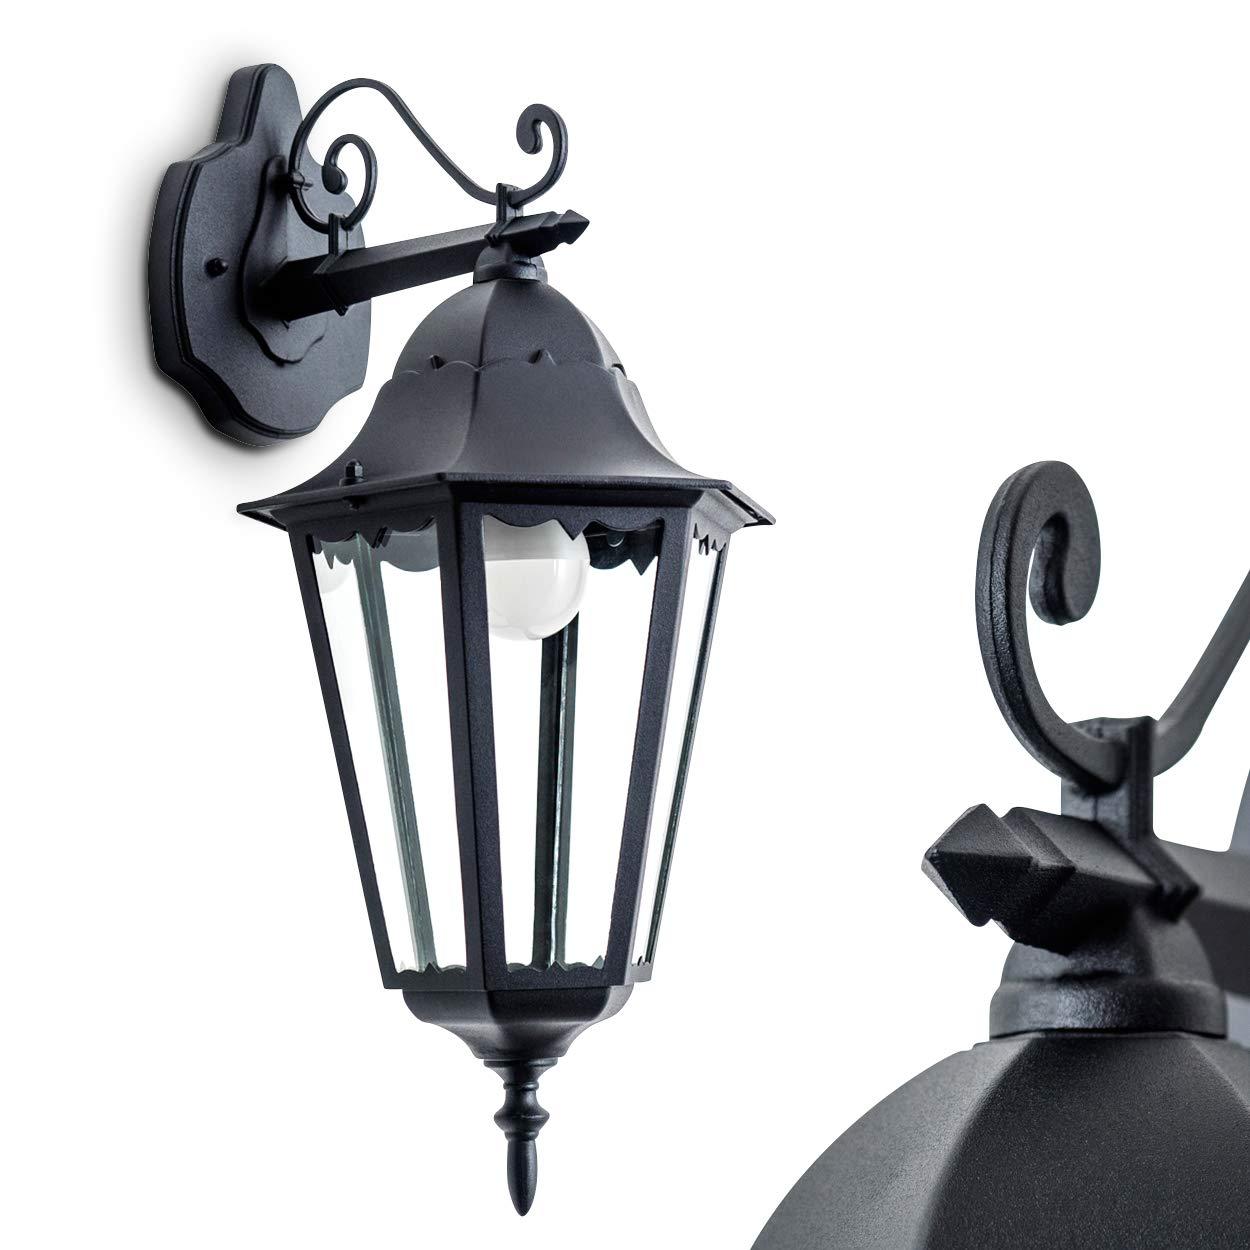 klassische Außenstehleuchte Hongkong mit Bewegungsmelder im klassischem Look in schwarz Sockelleuchte aus Alu und Glas – Wegeleuchte mit E27-Fassung – Pollerleuchte LED geeignet hofstein 11333LJ-PIRsw